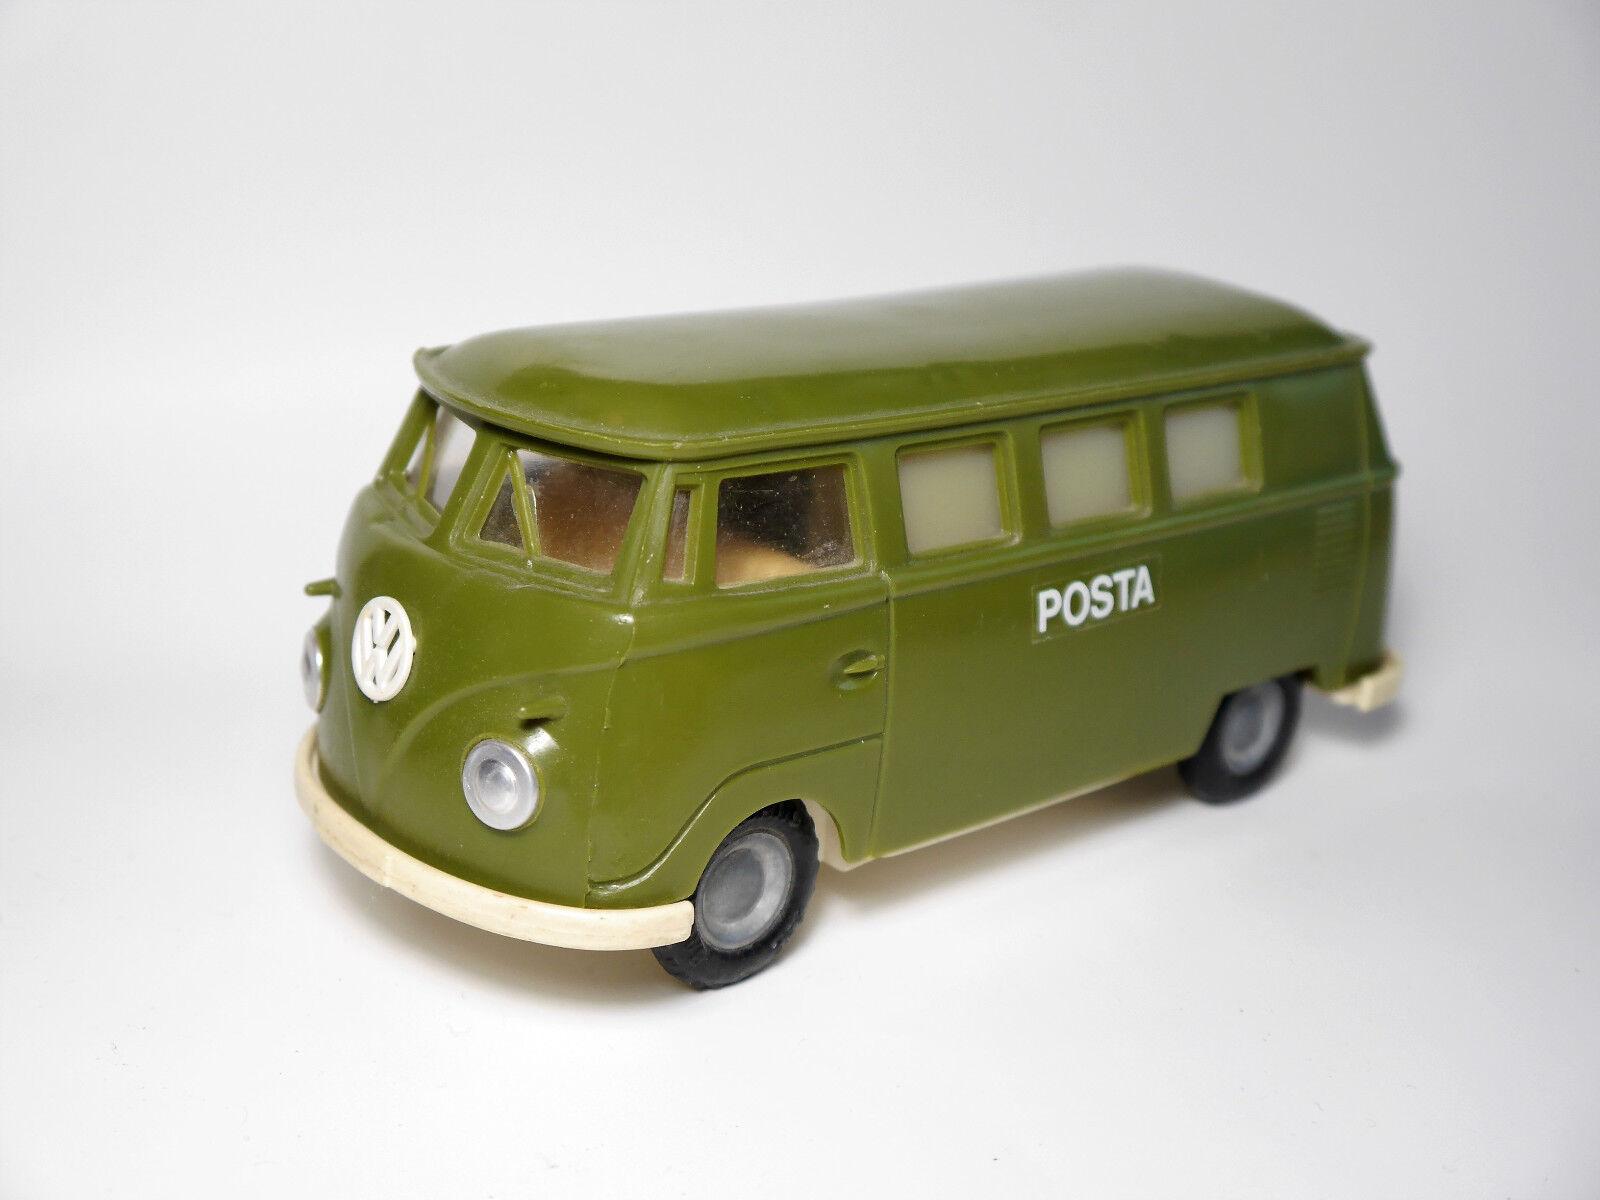 VW Type 2 t1 nez-camionnette Bus Window que Posta Plastic friction LEMEZ Ballon Cordatic